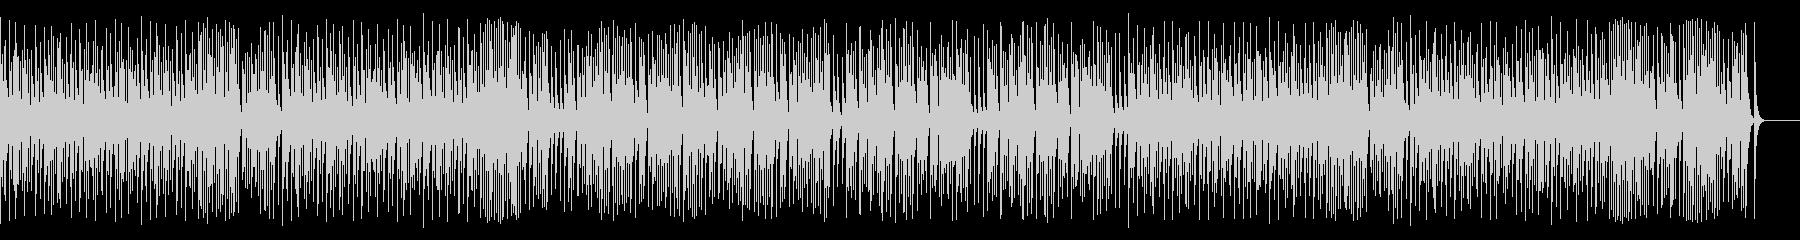 木琴でわくわくハッピーなオールドジャズの未再生の波形